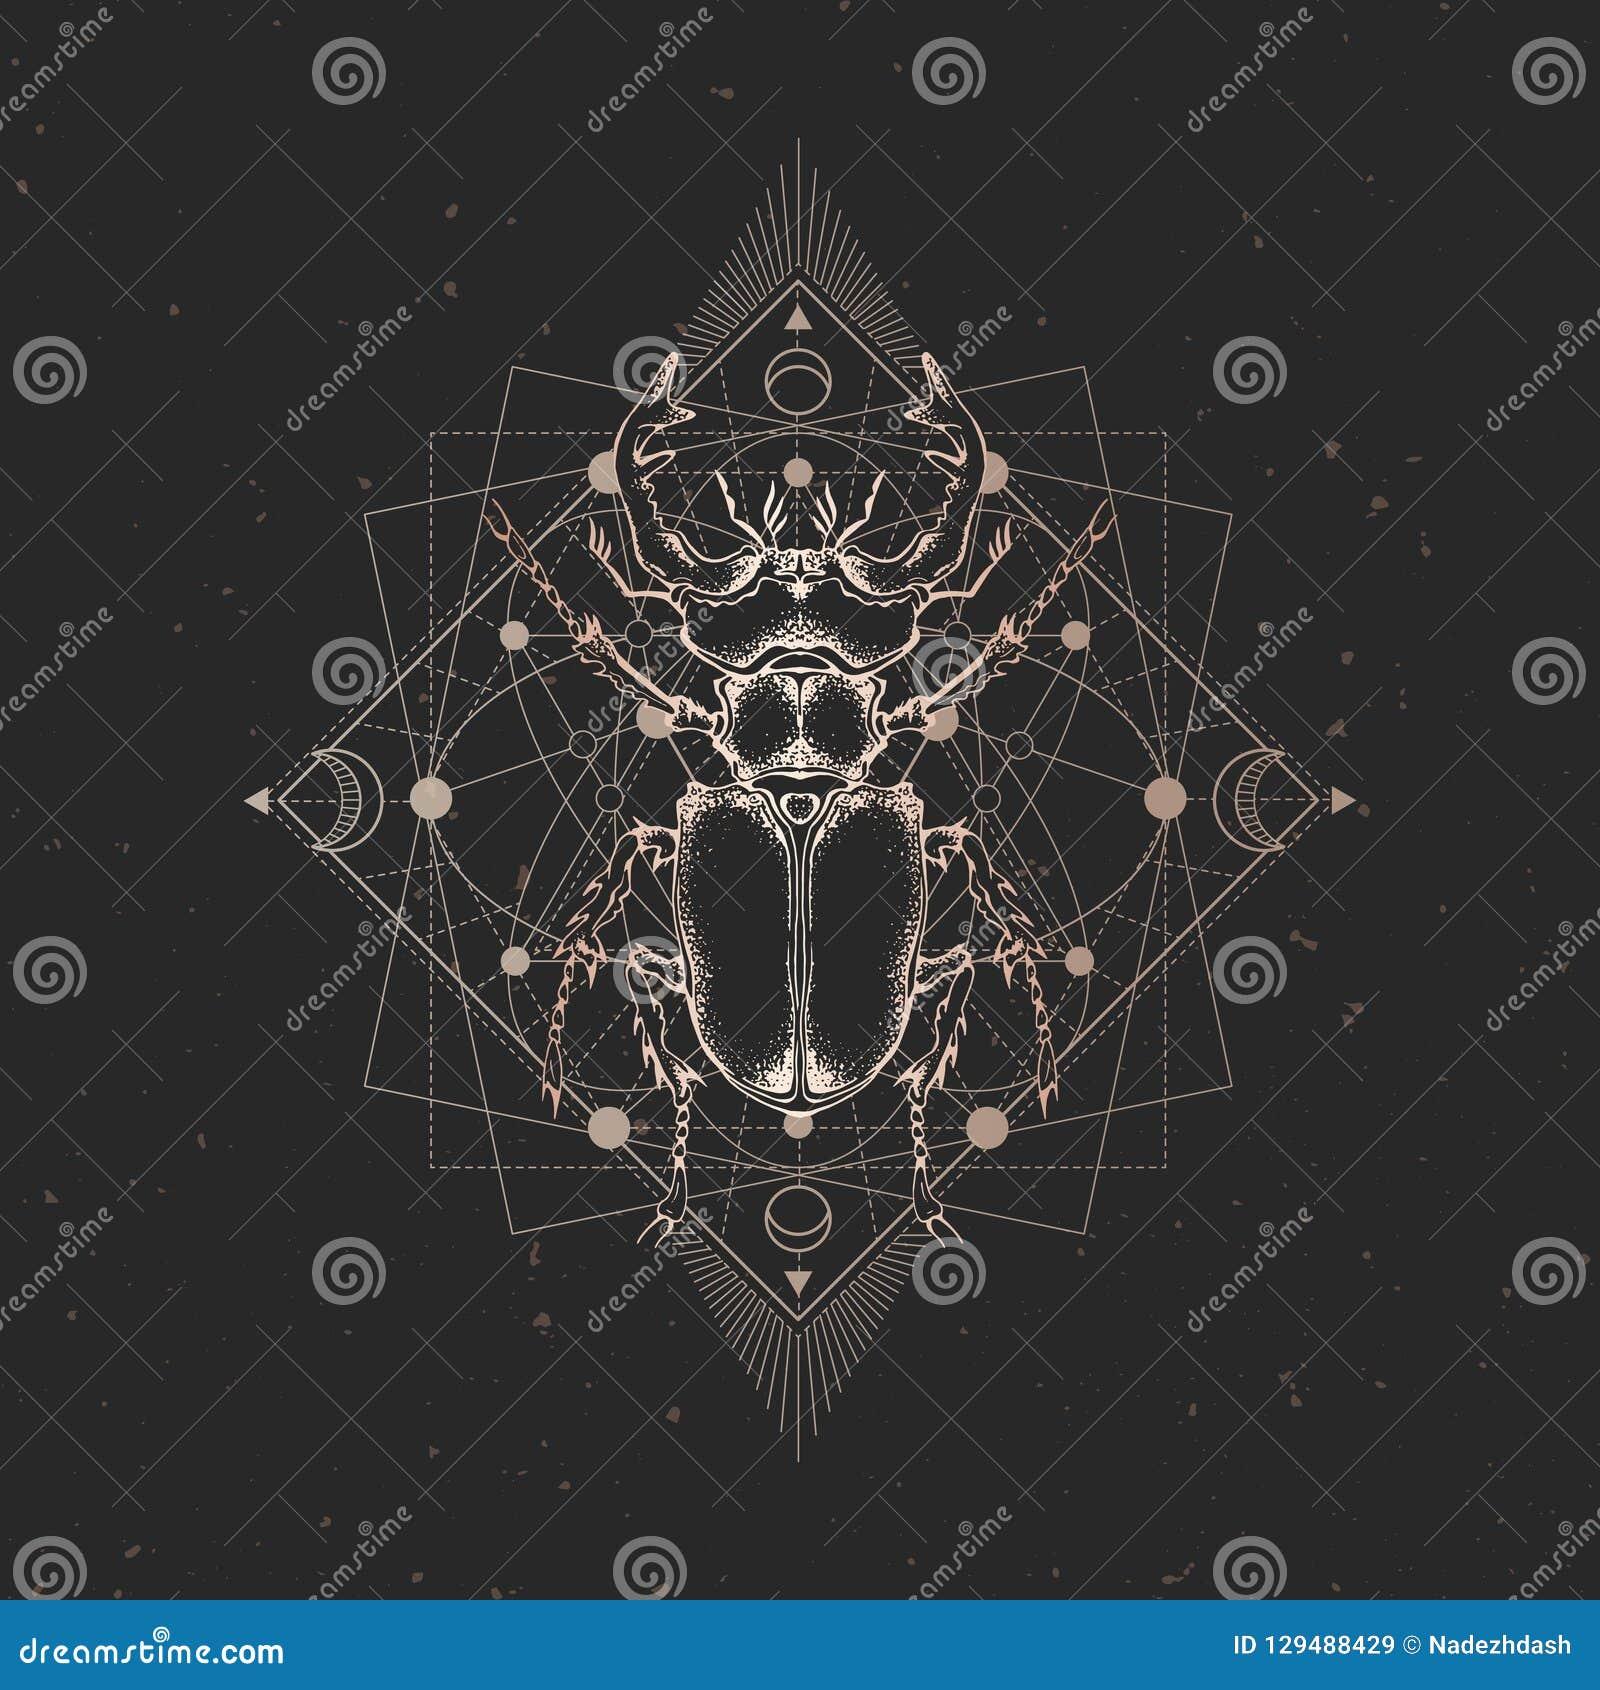 Vectorillustratie met hand getrokken insect en Heilig geometrisch symbool op zwarte uitstekende achtergrond Abstract mysticusteke